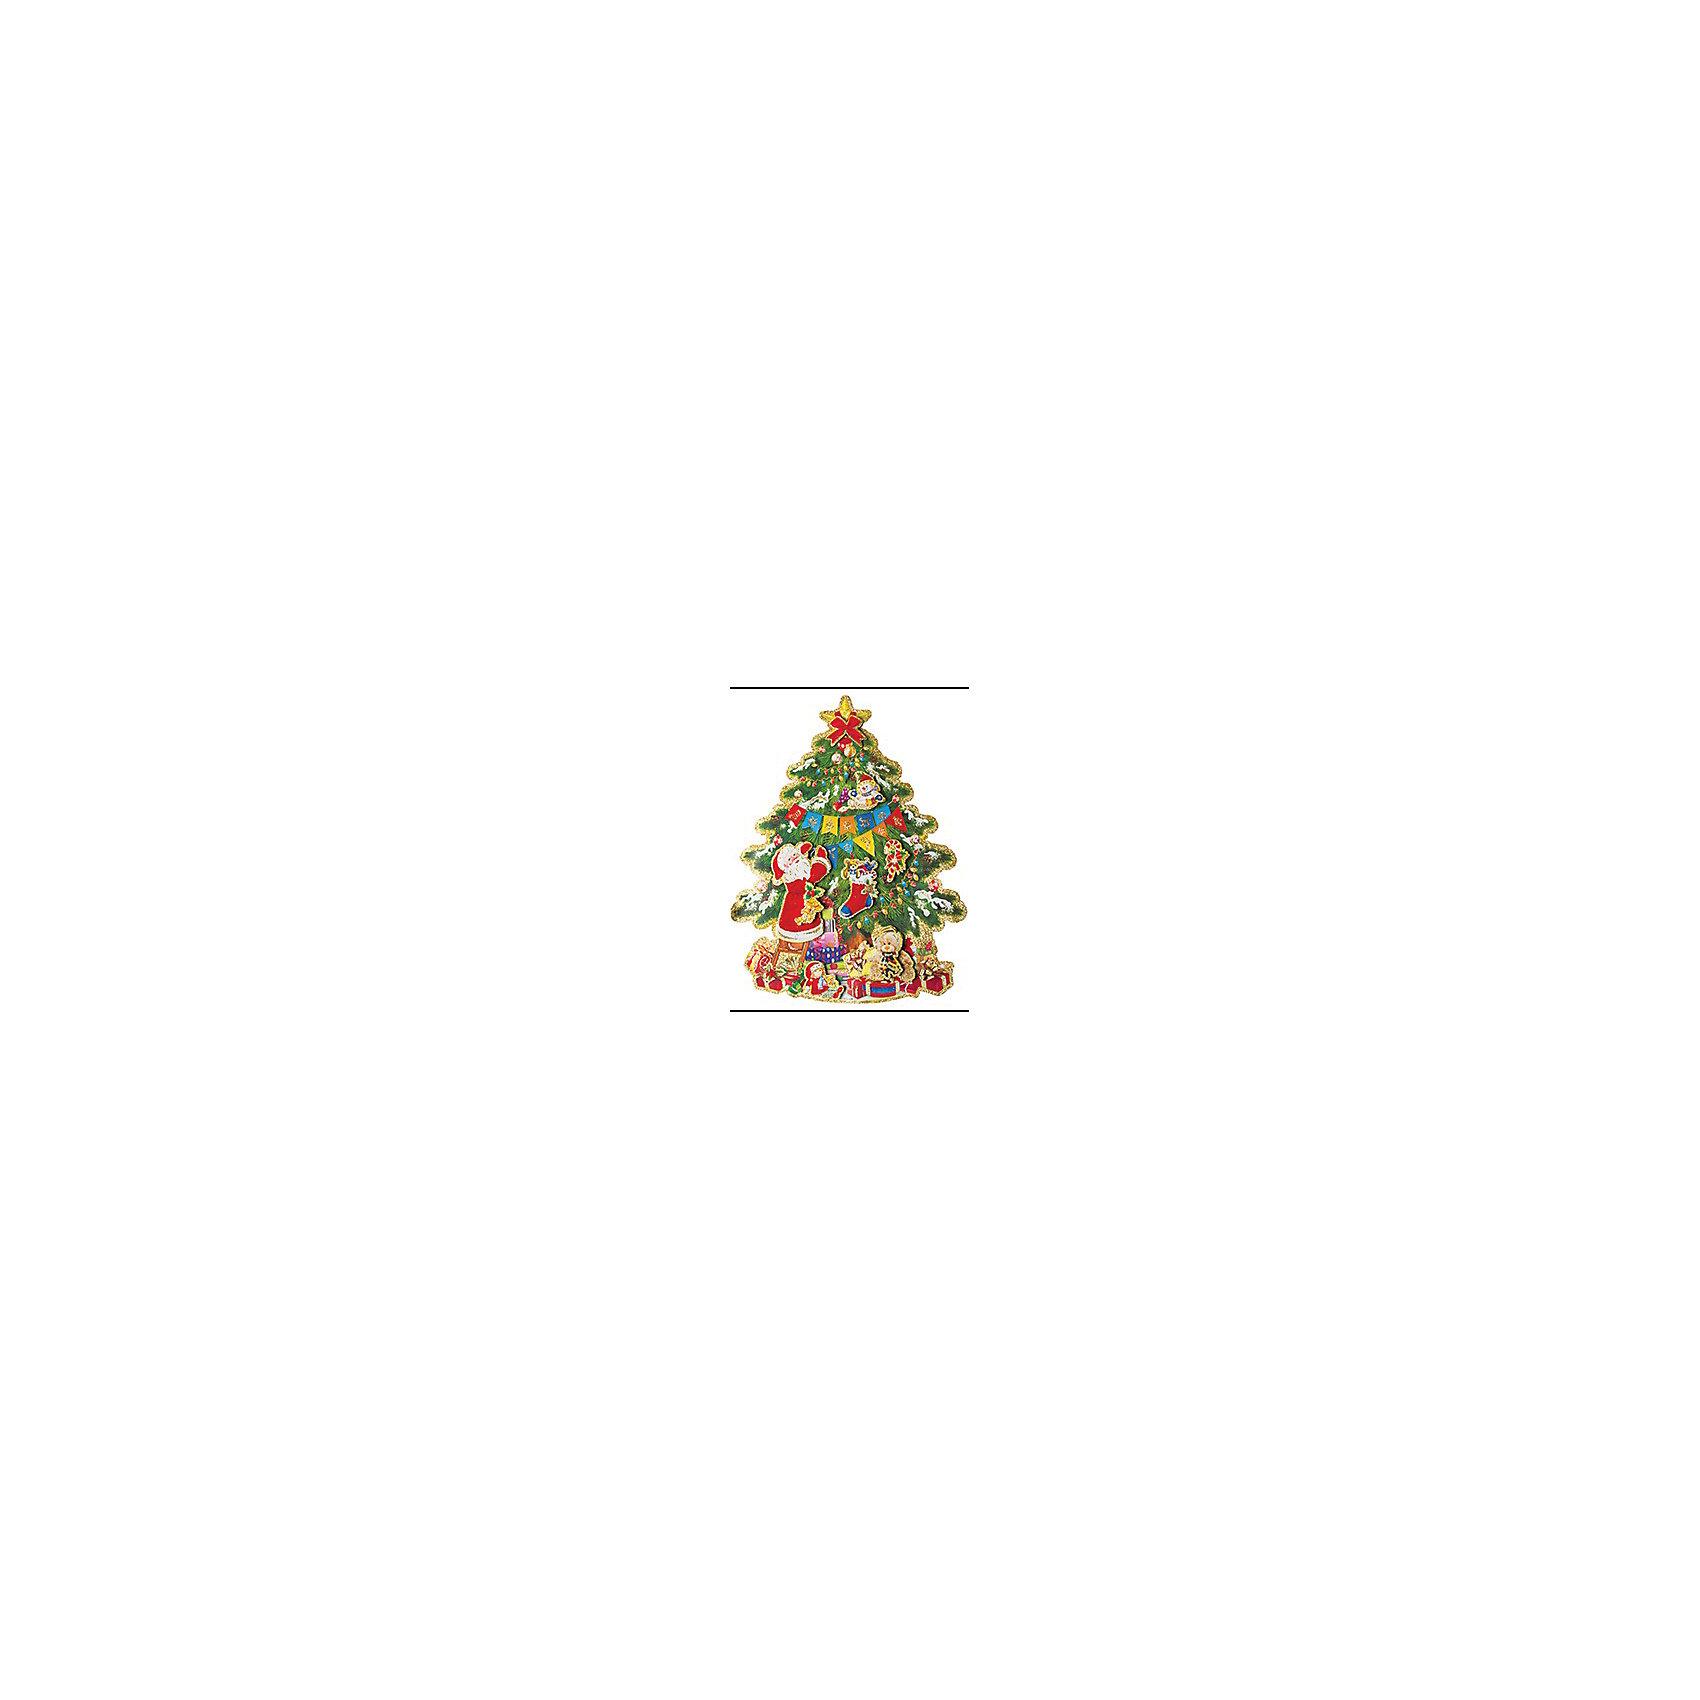 Наклейка 3D Новогодняя елочкаВсё для праздника<br>Наклейка 3D Новогодняя елочка – этот новогодний аксессуар создаст праздничную атмосферу.<br>Наклейка 3D Новогодняя елочка  – это отличное новогоднее украшение для декорирования стен и дверей. Объемная наклейка в виде нарядной новогодней елки поможет украсить ваш дом или офис и придаст им сказочный и волшебный вид. Устройте настоящий праздник. Пусть он сопровождает вас повсюду.<br><br>Дополнительная информация:<br><br>- Размер упаковки: 41 х 31 см.<br>- Вес: 50 гр.<br><br>Наклейку 3D Новогодняя елочка можно купить в нашем интернет-магазине.<br><br>Ширина мм: 410<br>Глубина мм: 310<br>Высота мм: 5<br>Вес г: 50<br>Возраст от месяцев: 36<br>Возраст до месяцев: 2147483647<br>Пол: Унисекс<br>Возраст: Детский<br>SKU: 4319561